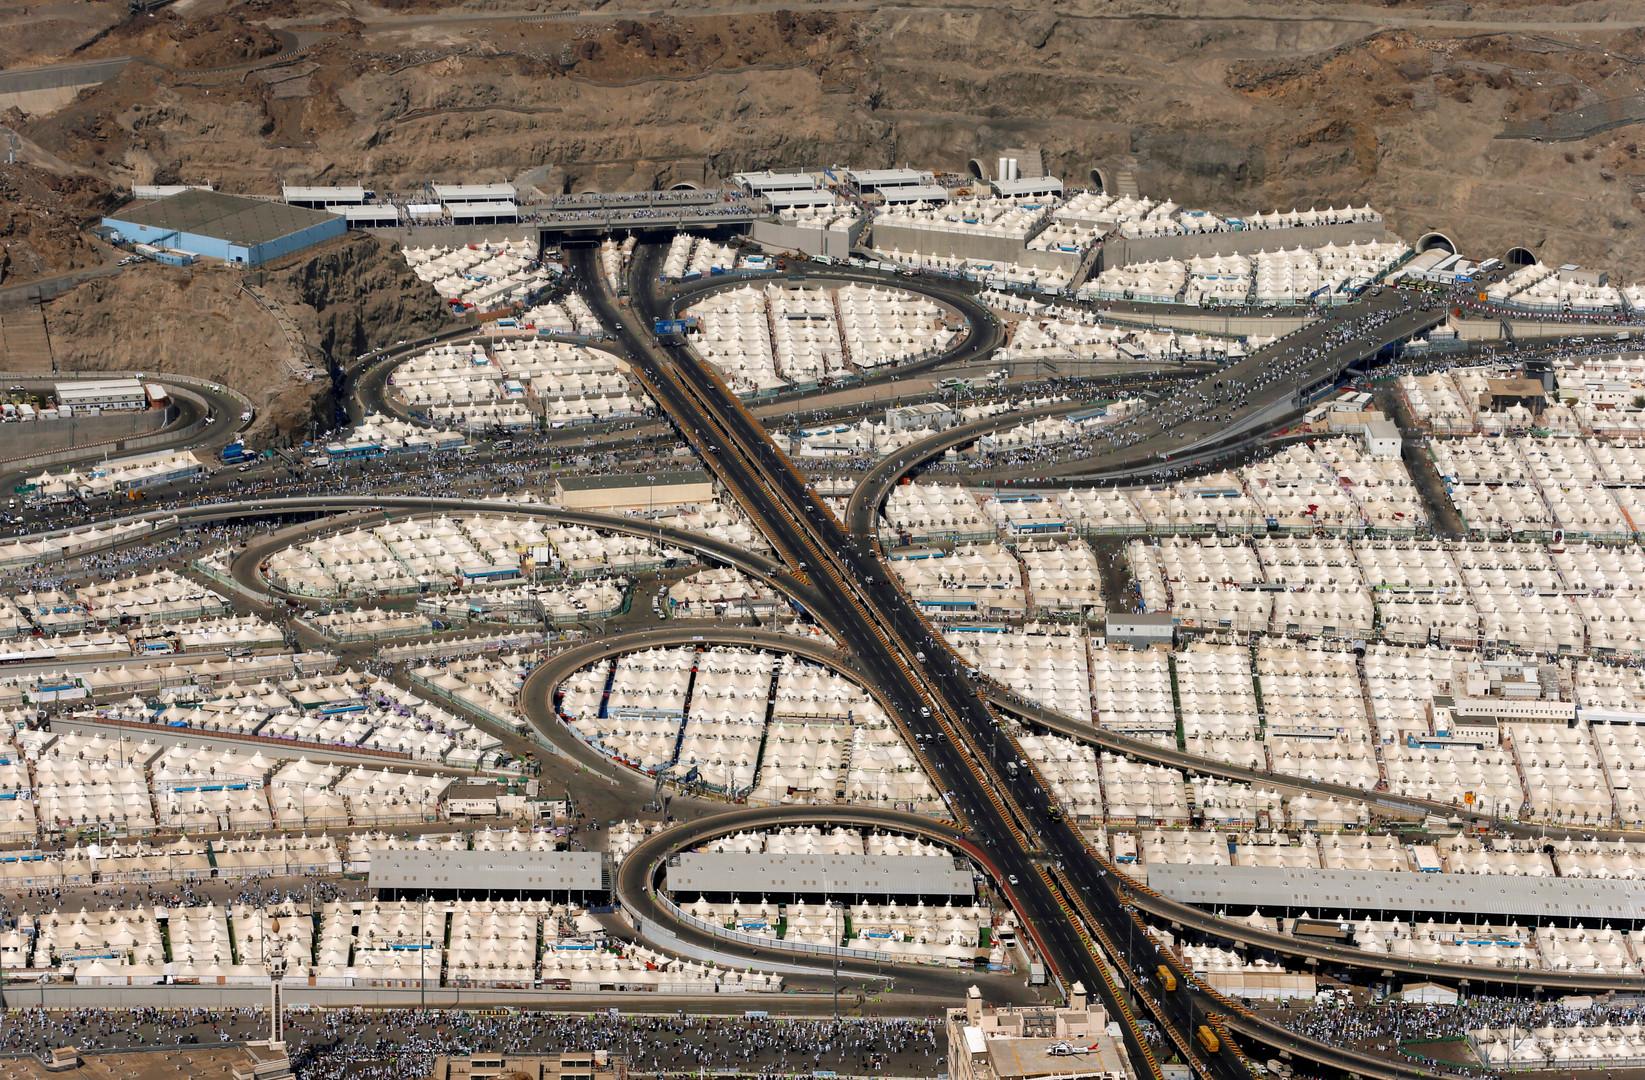 Luftaufnahme der Pilgerzelte in Mekka.